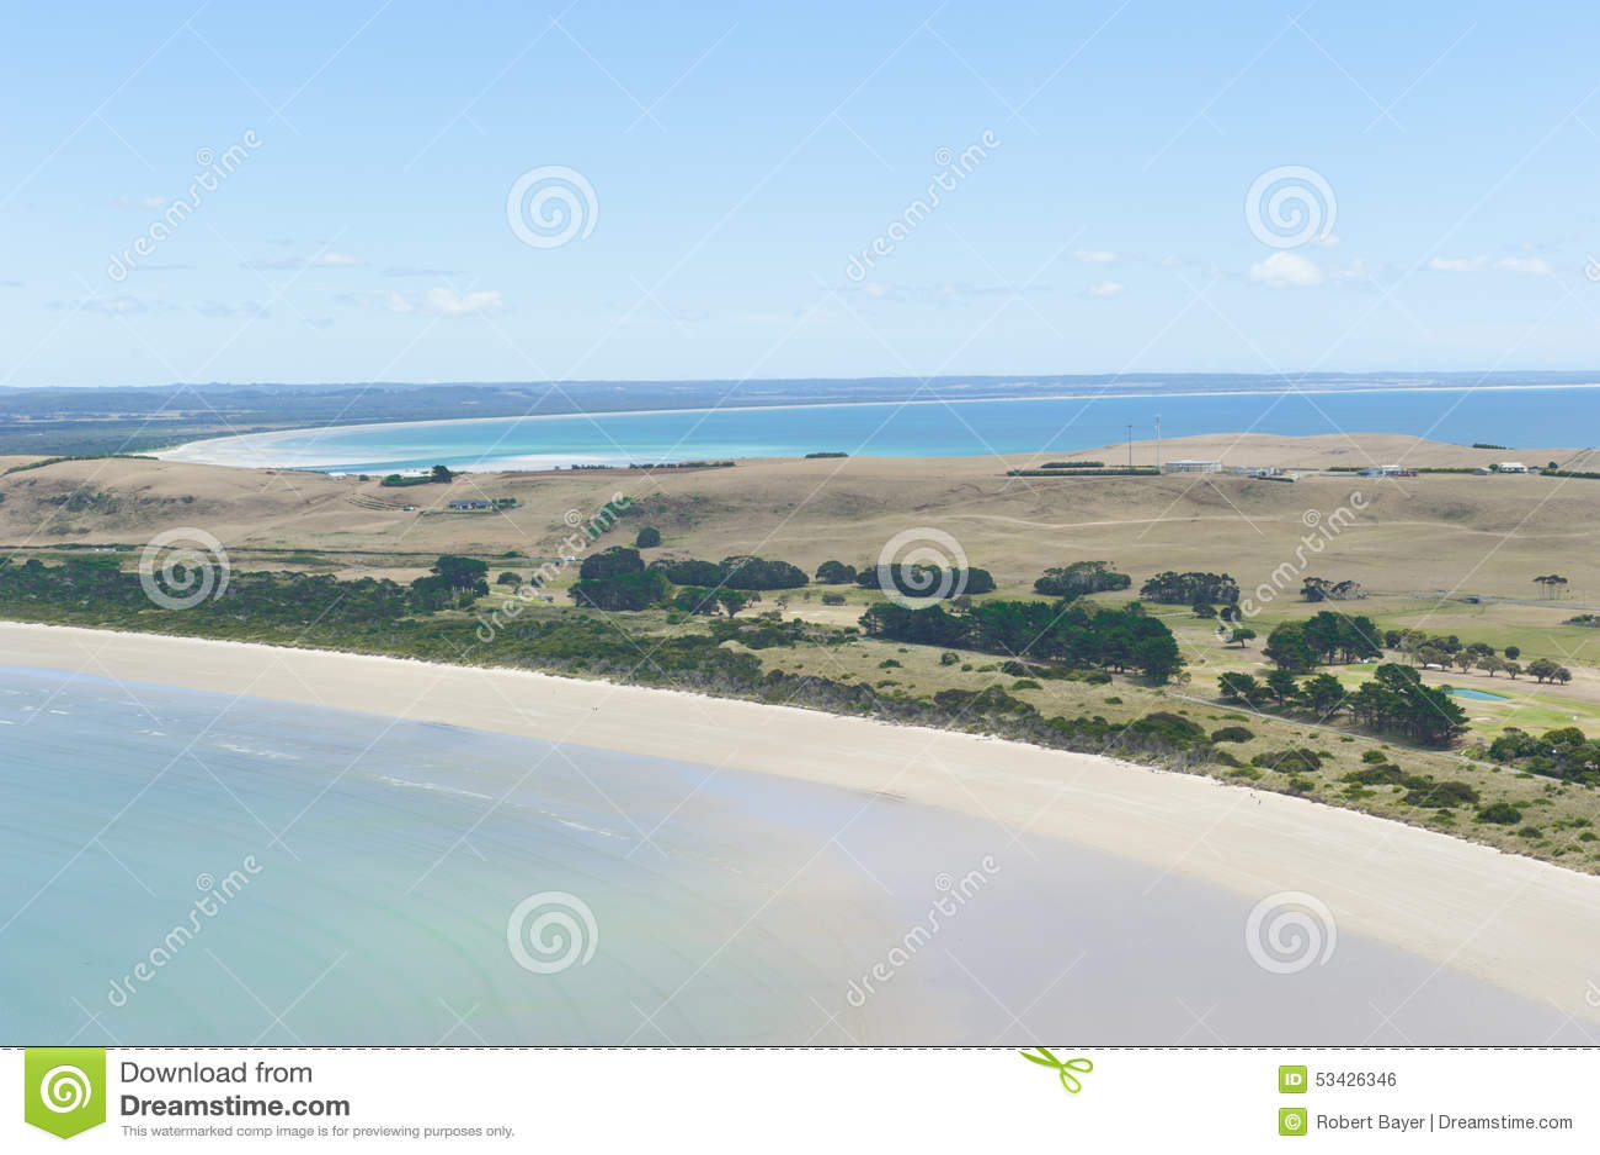 Stanley Australia  city pictures gallery : Stanely Tasmania Australia Peninsula Beaches Stock Photo Image ...